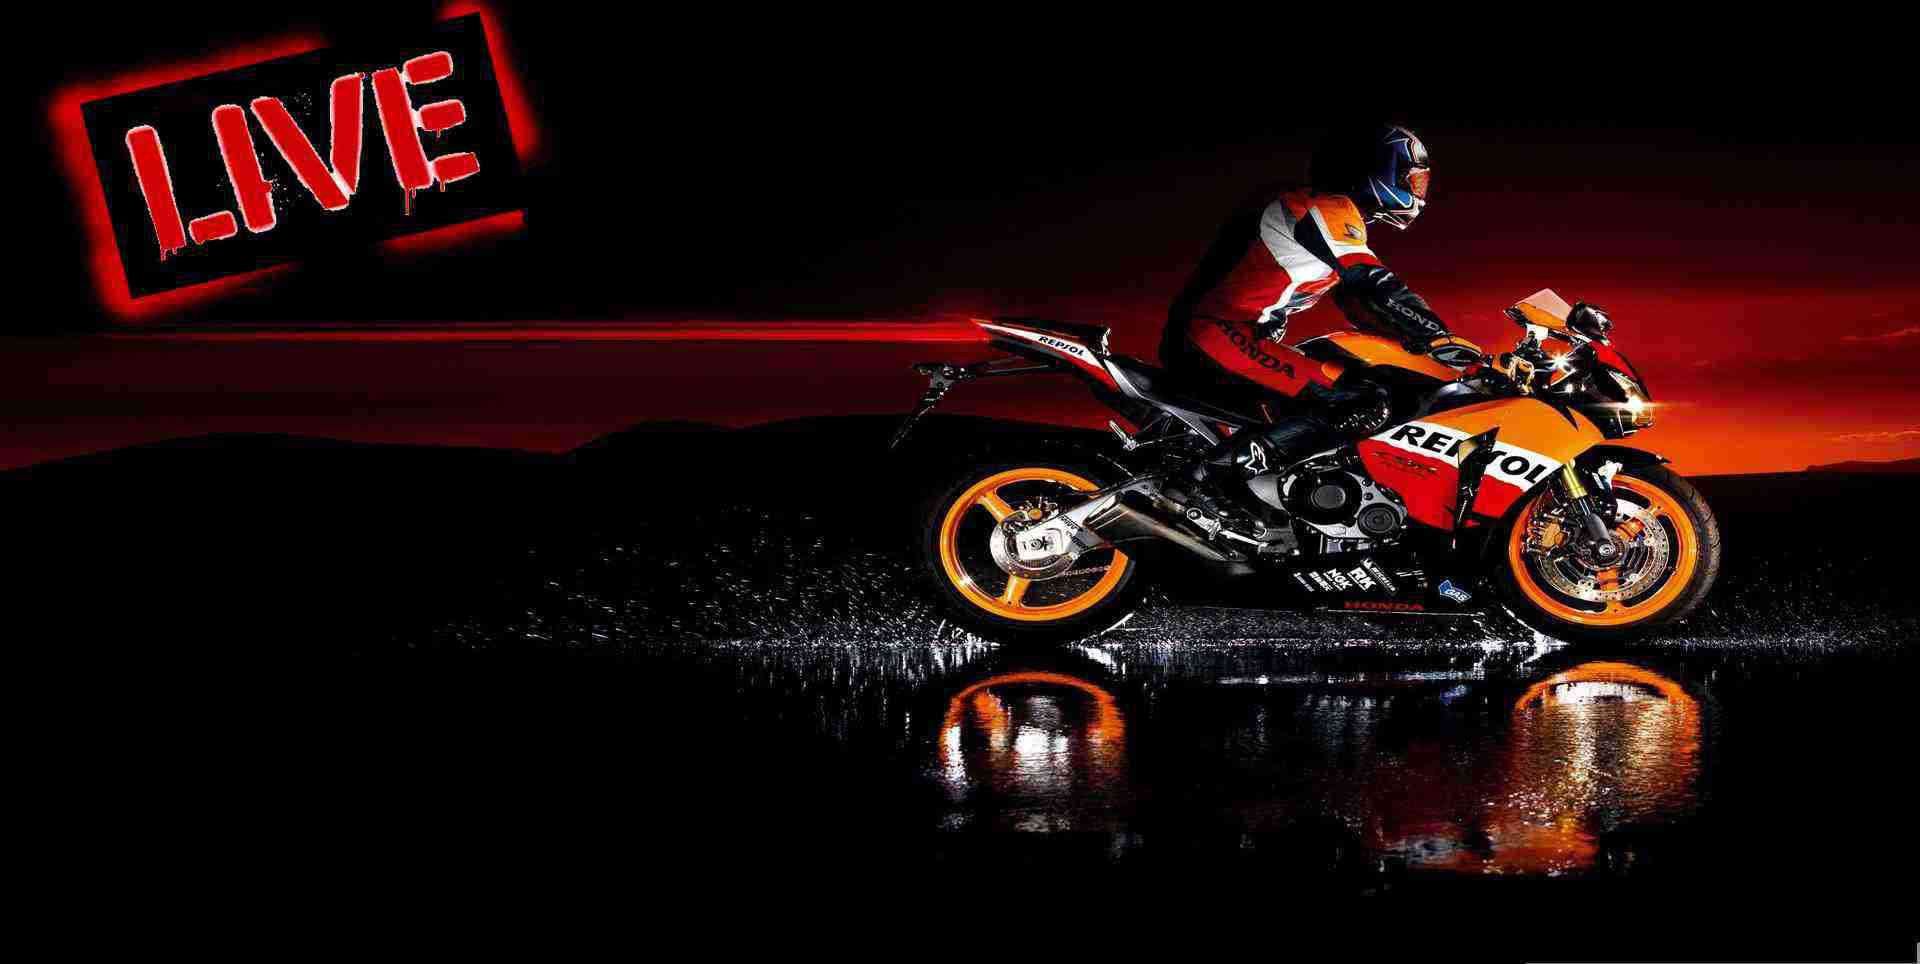 Watch Iveco TT Assen 2013 Online